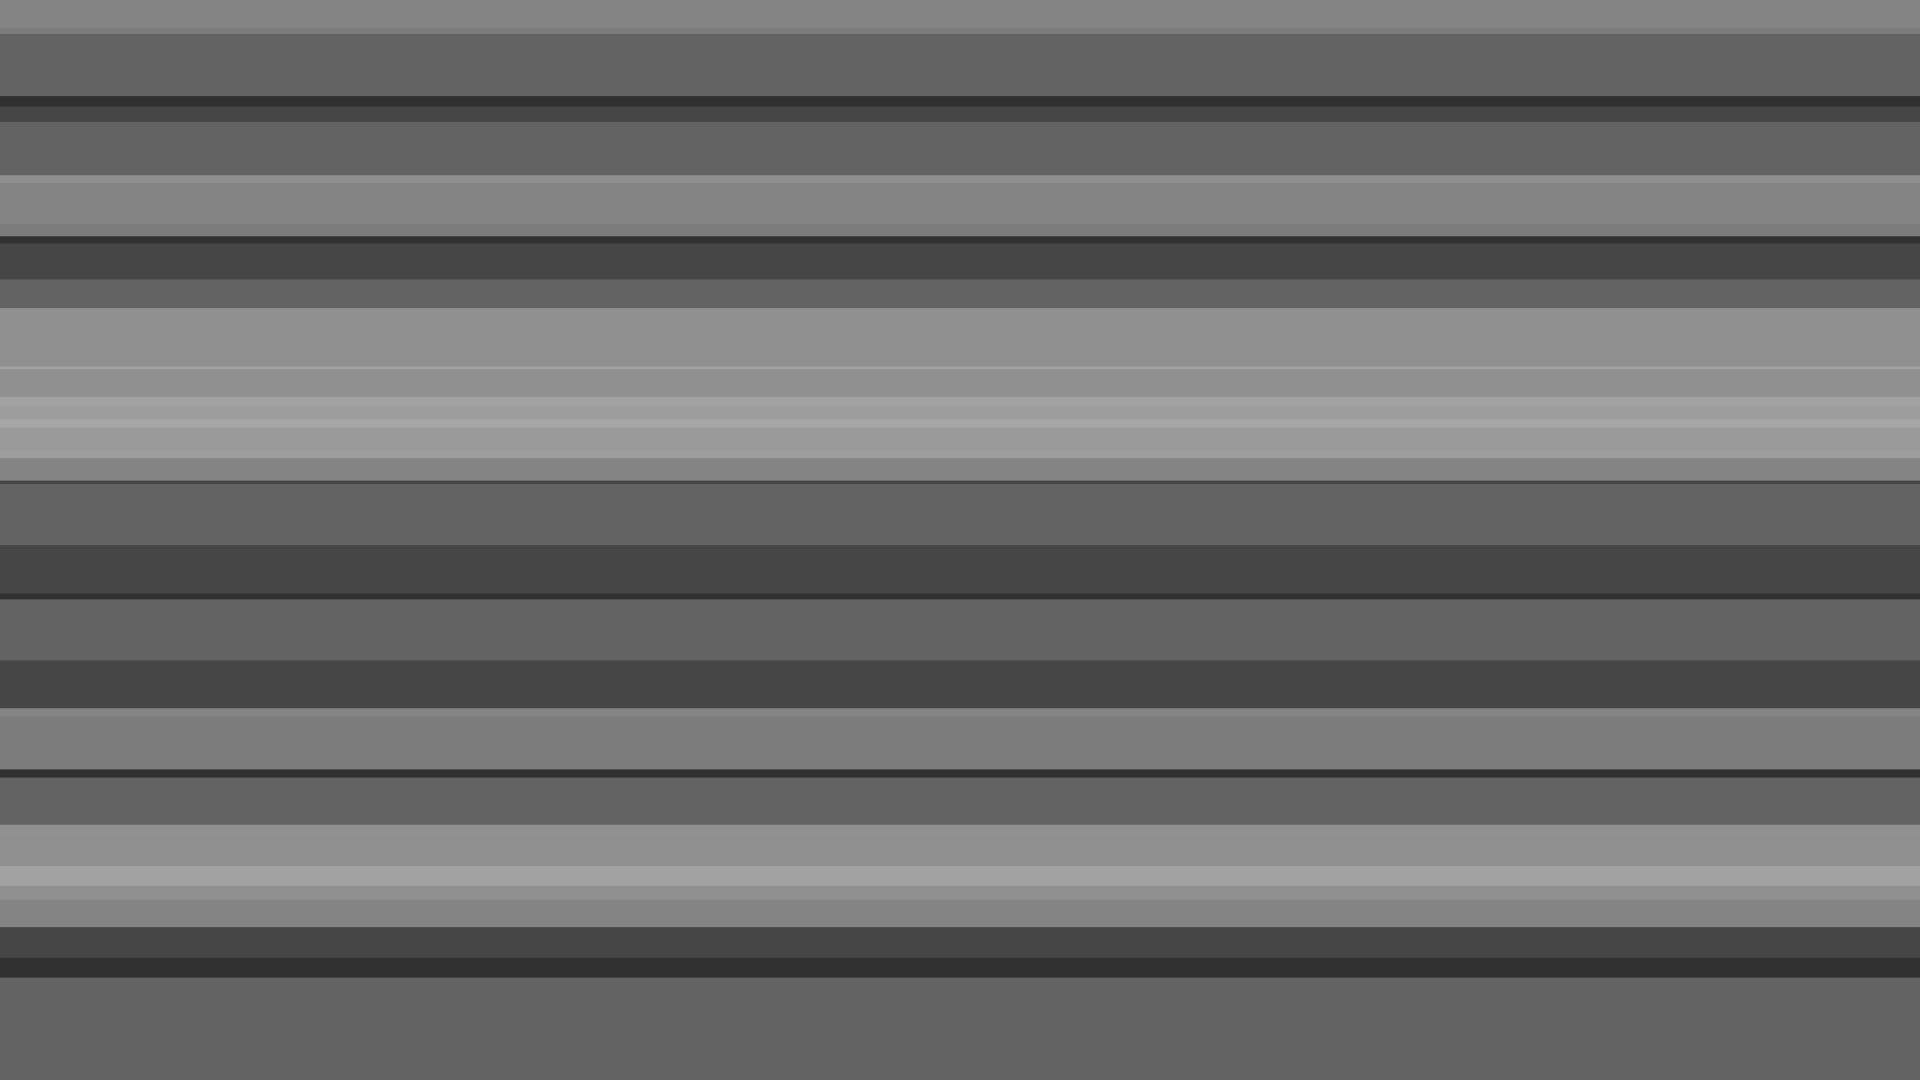 Guritch グリッチ_グラデーションライン作成方法 時間の置き換え アフターエフェクト